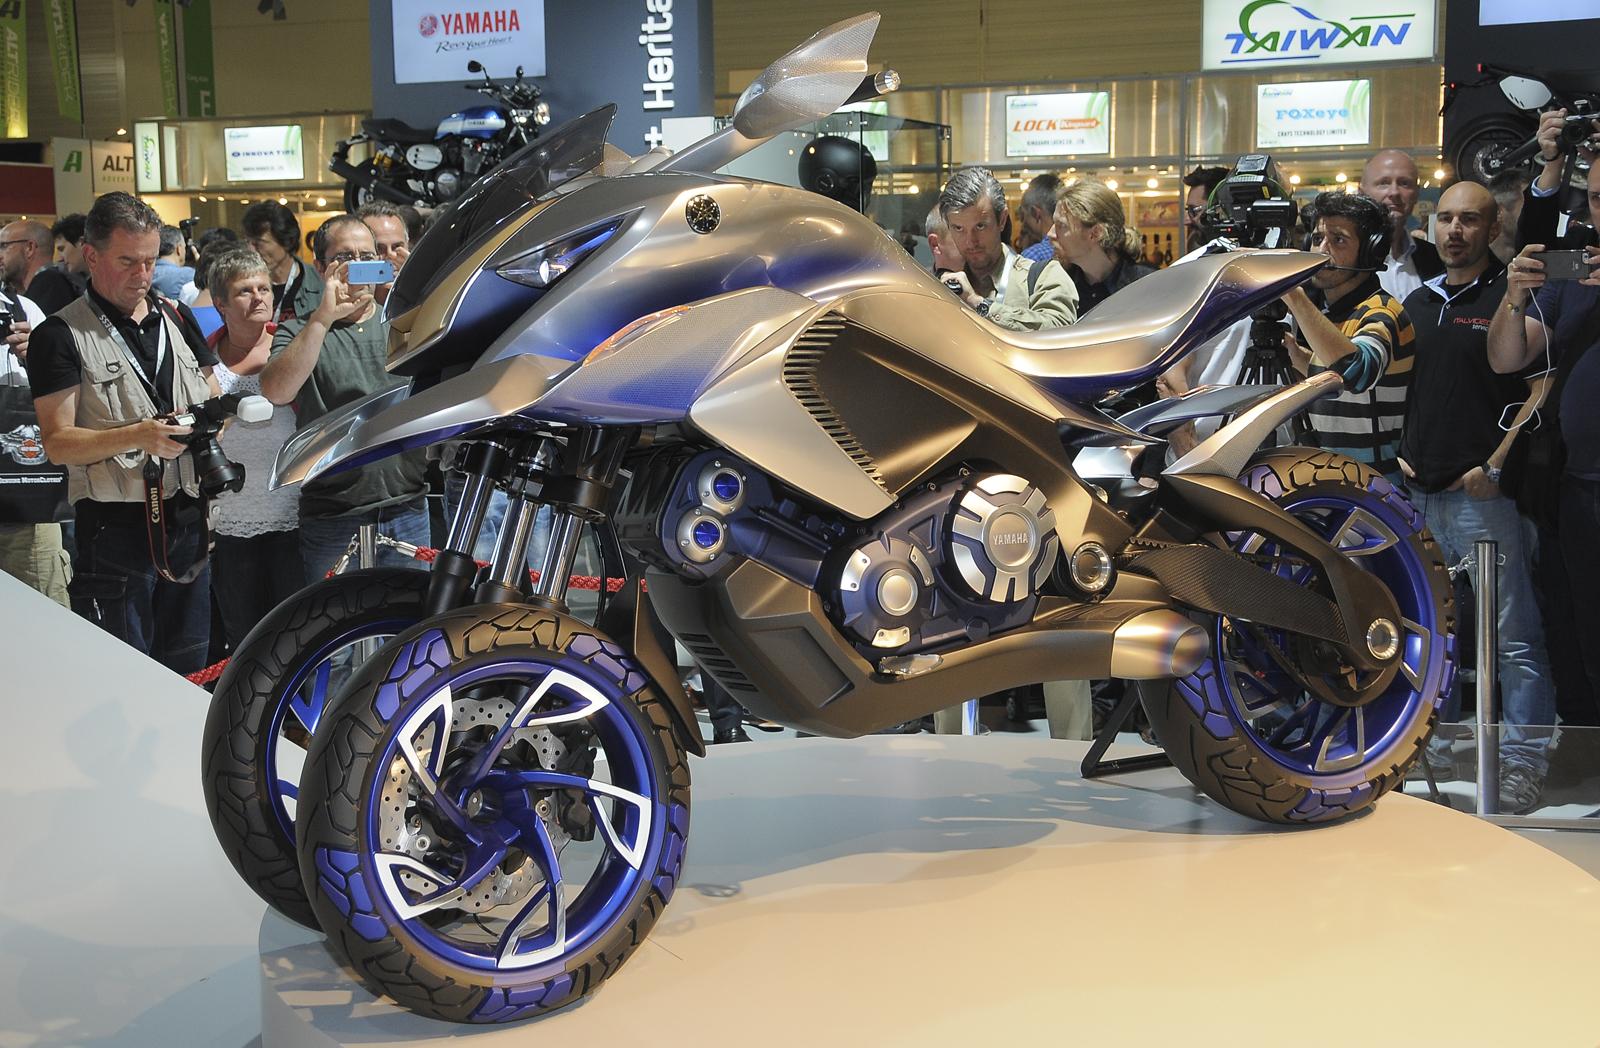 Moto 3 ruote yamaha idea di immagine del motocicletta for Idea ruote